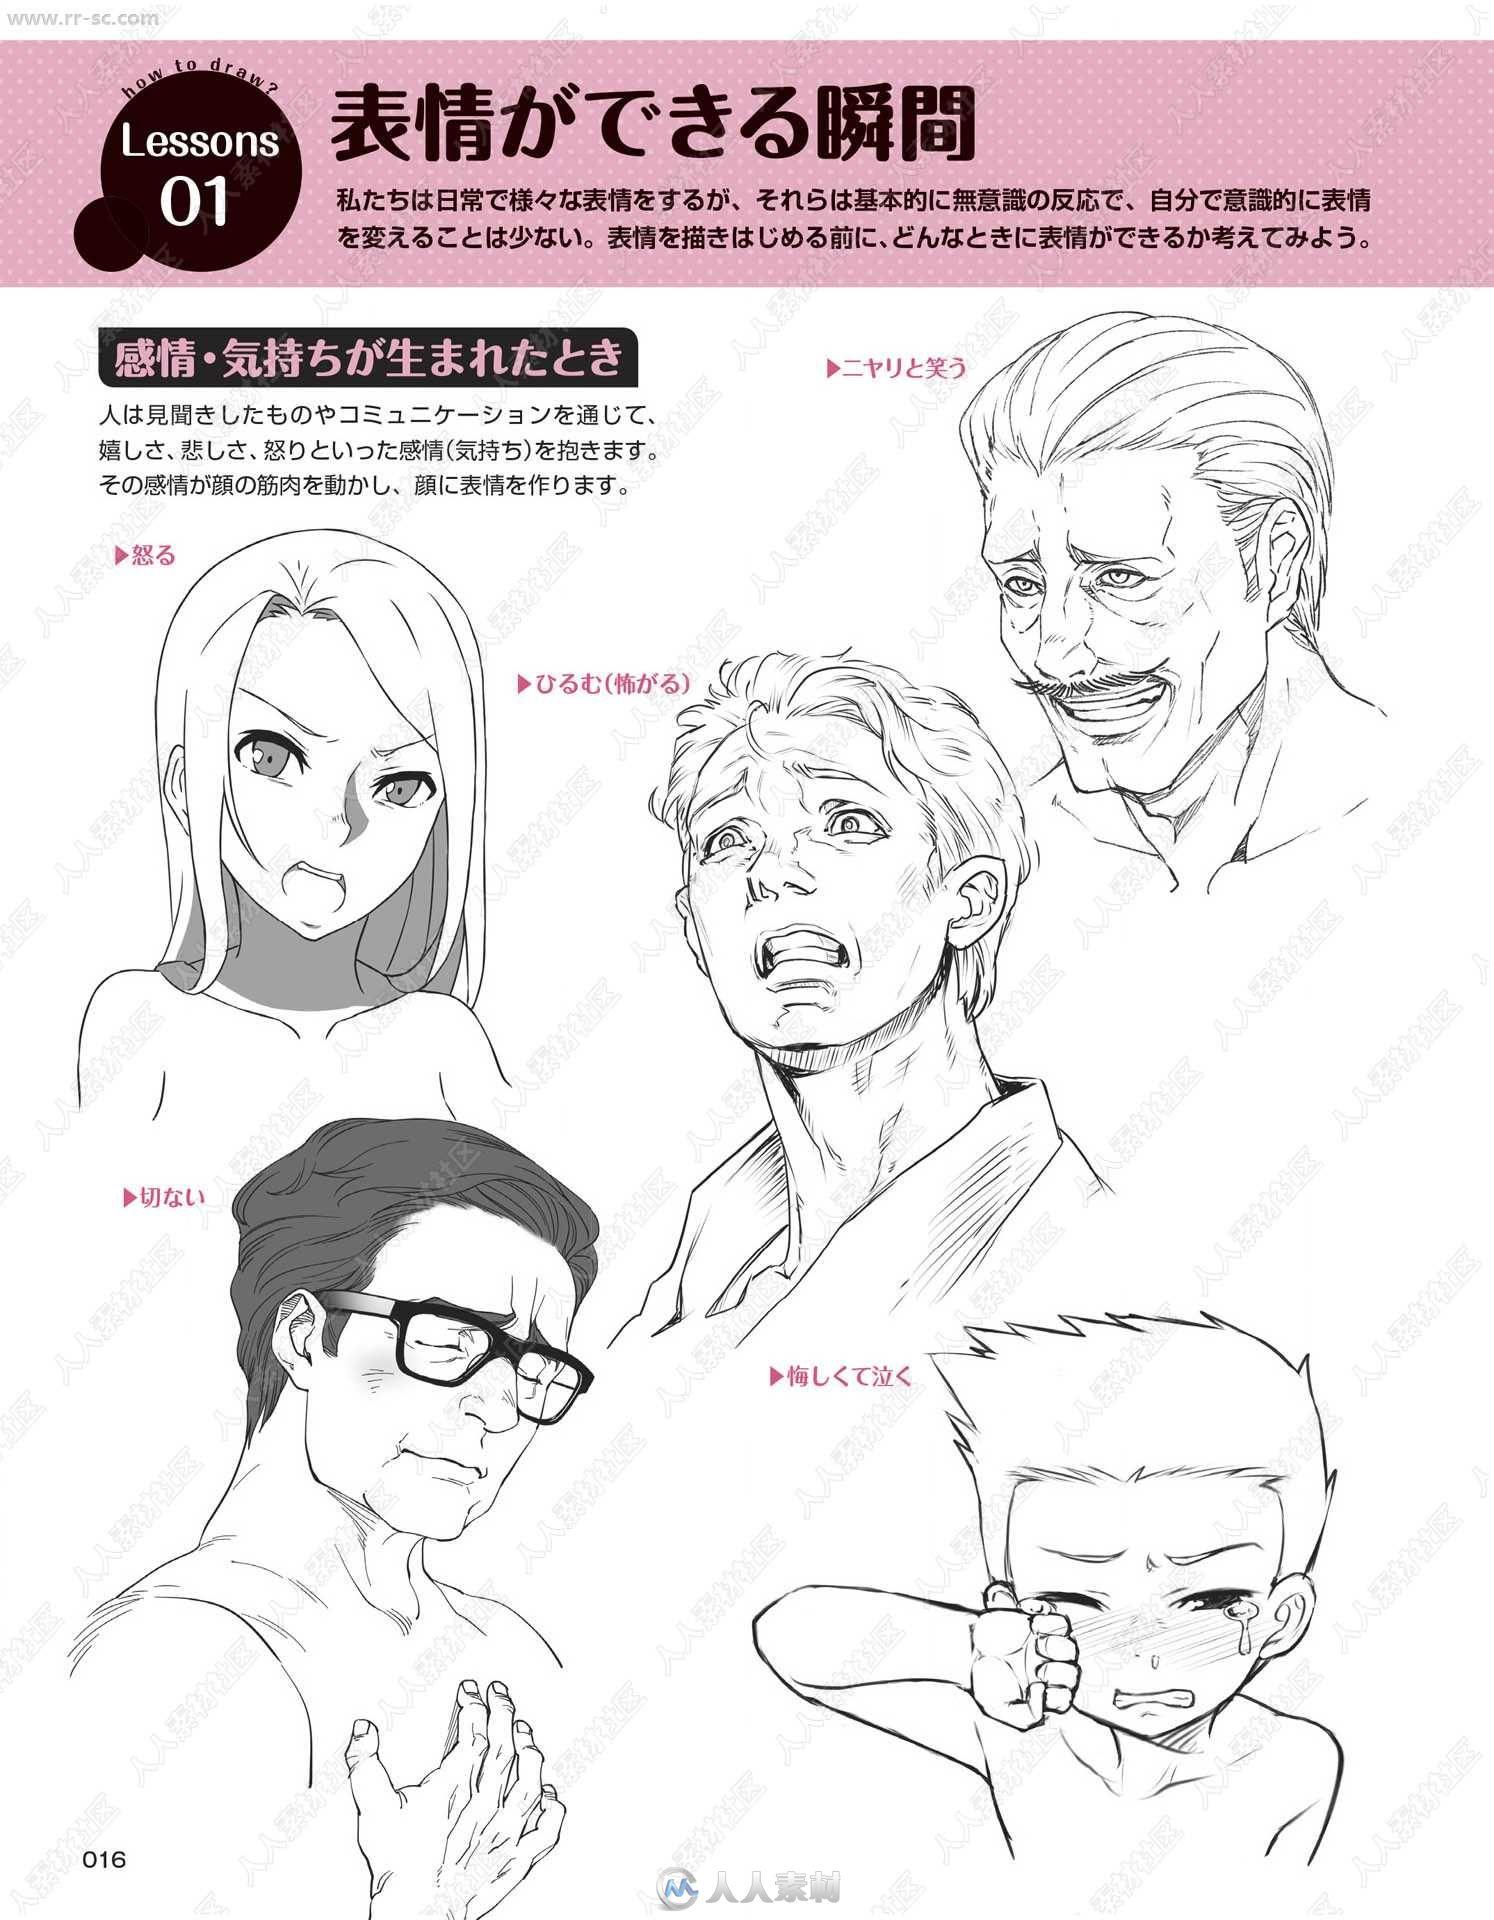 漫画线条人物表情绘制教程书籍杂志